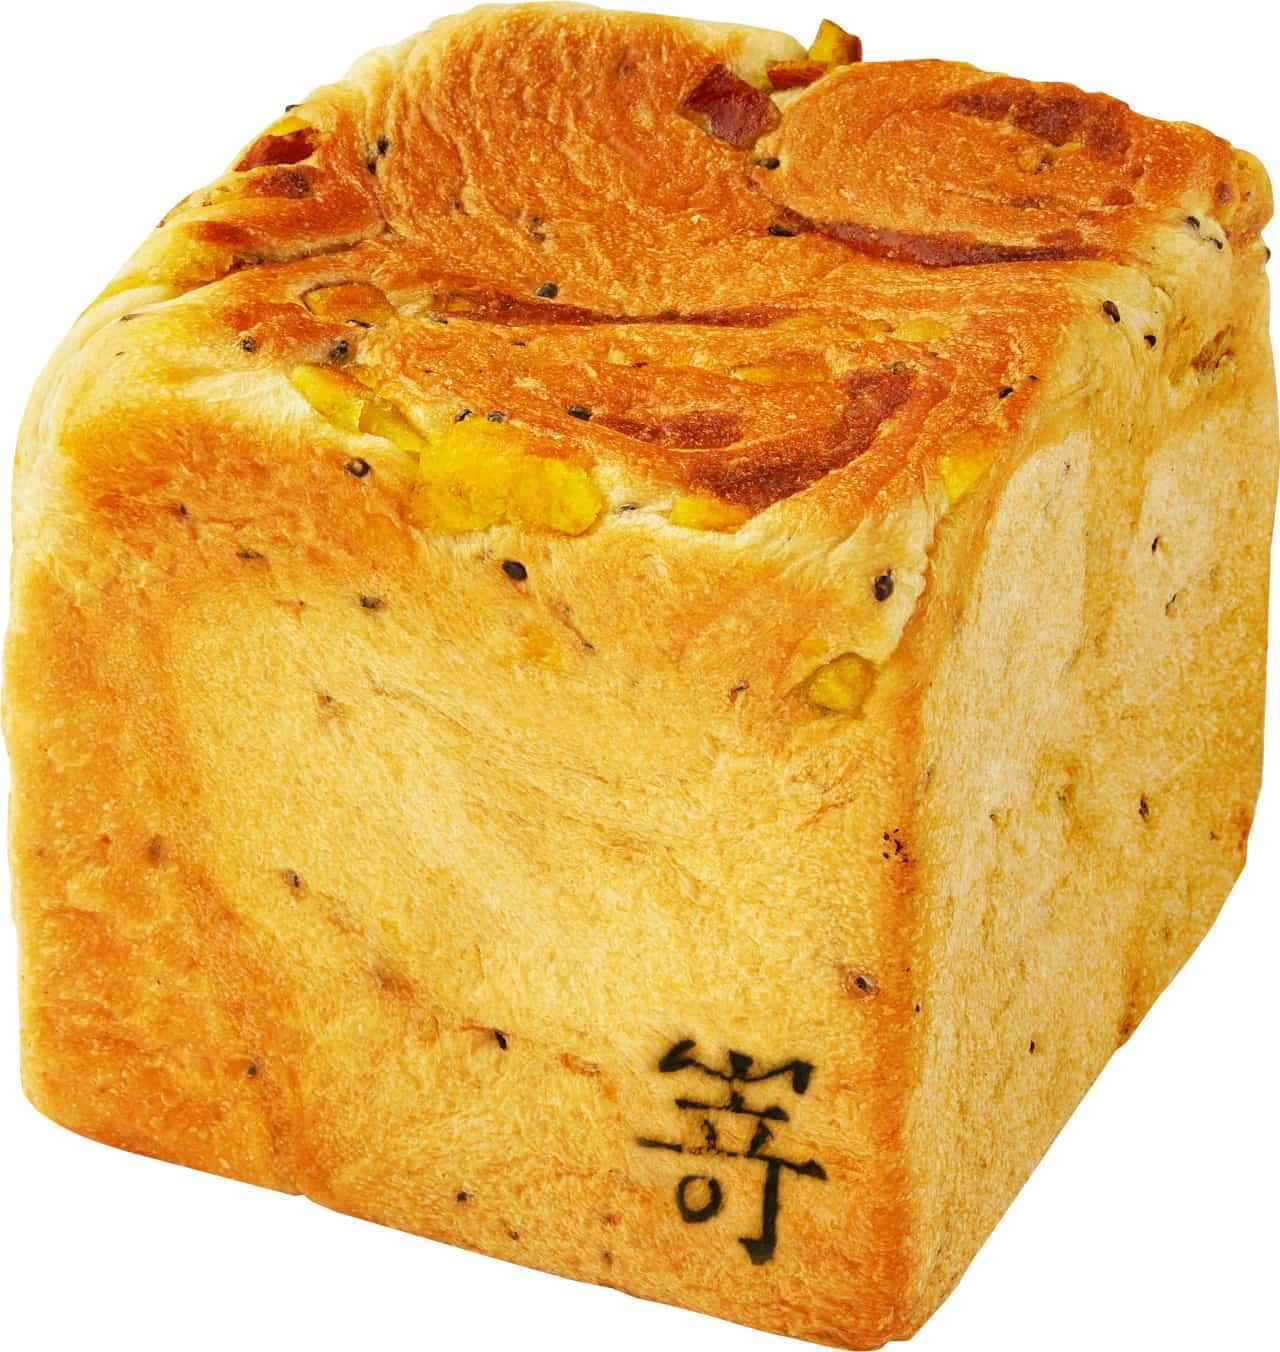 嵜本「なると金時と黒ごまの食パン」